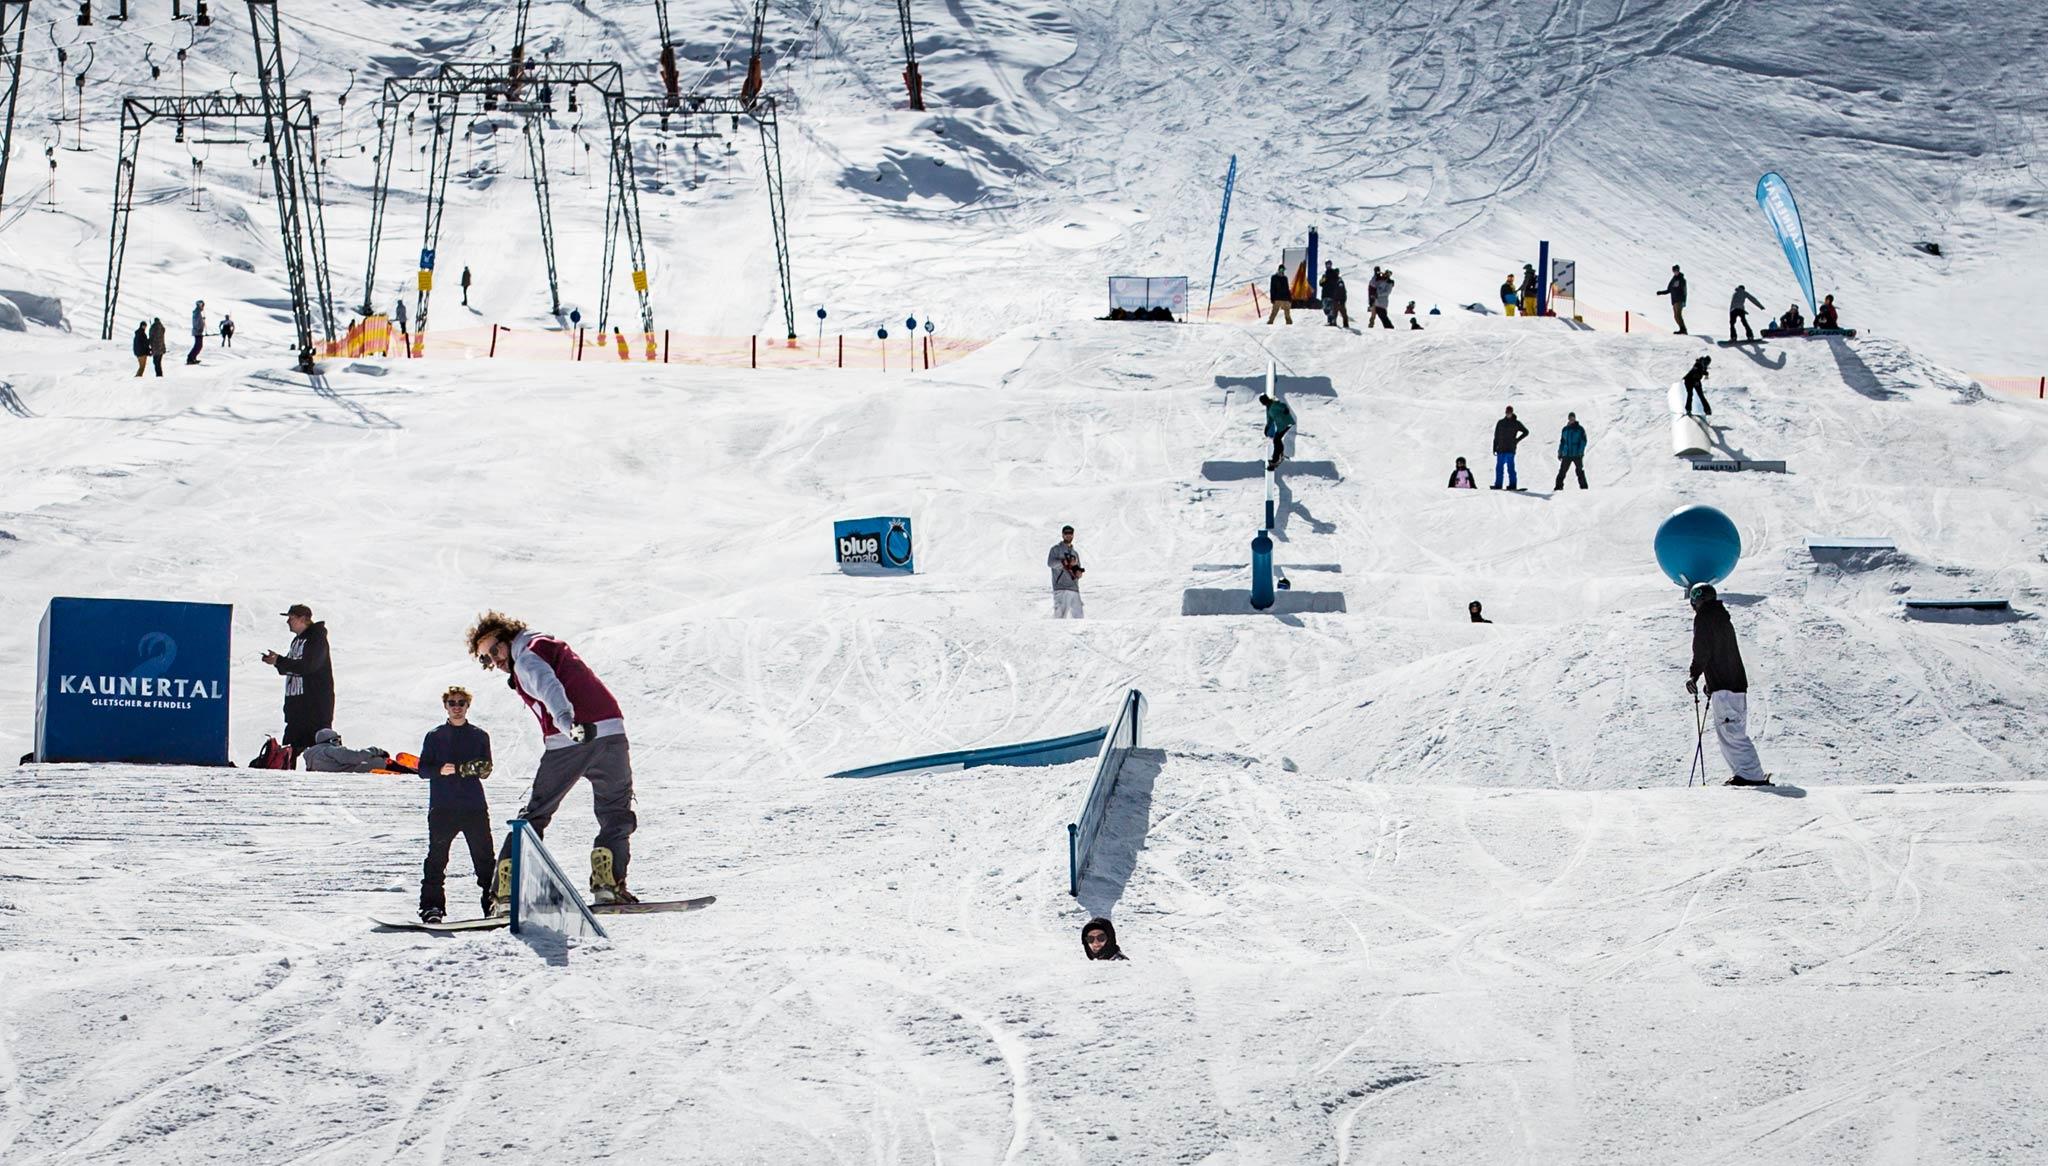 Auch 2017 soll es zum Opening wieder eine fette Jib-Line im Kaunertal geben - vorausgesetzt es gibt genug Schnee.